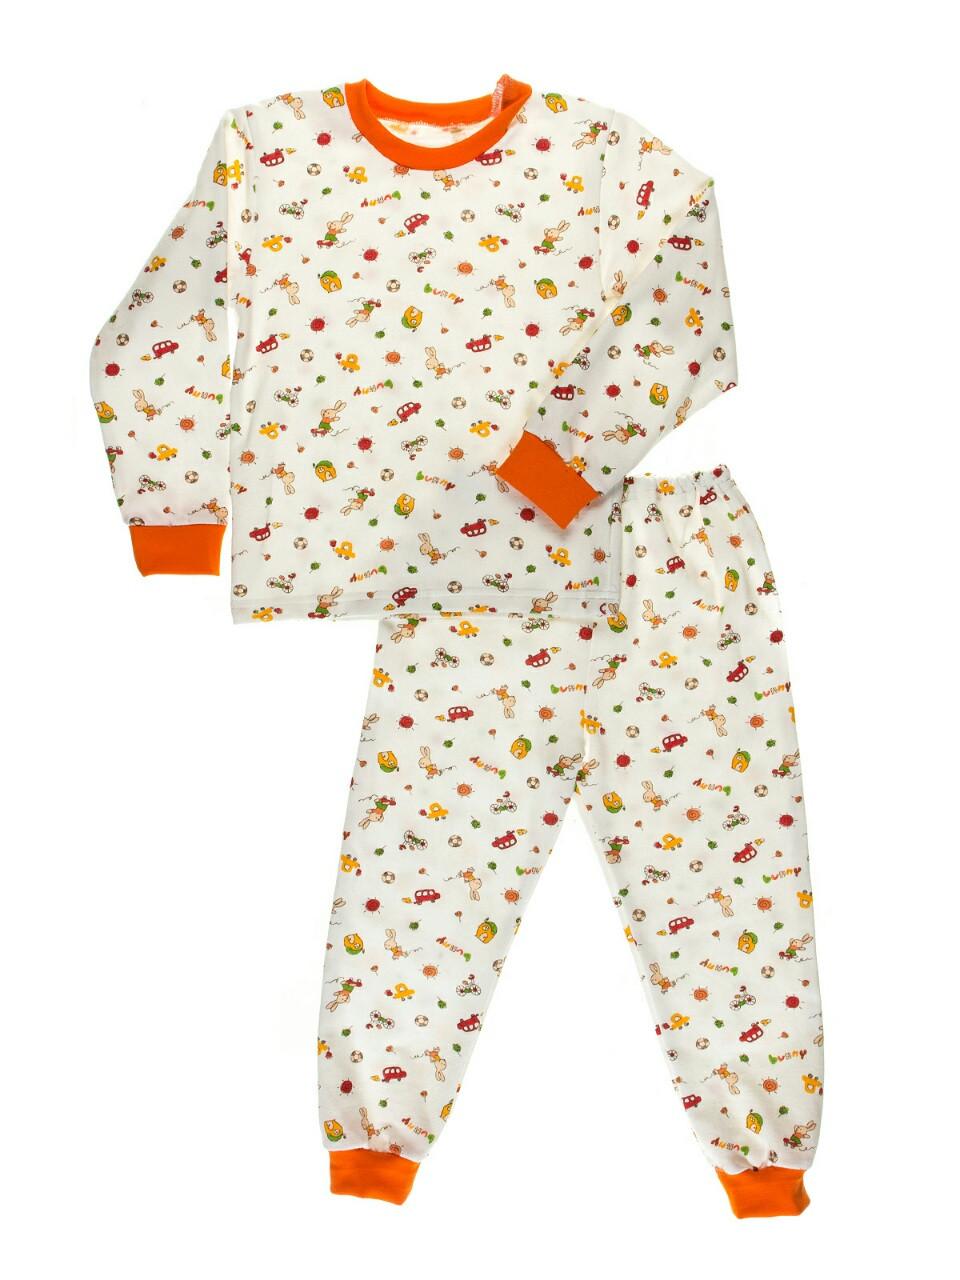 e2985df4f7682 Пижама детская, теплая с начесом, белый фон, цена 99,99 грн., купить ...